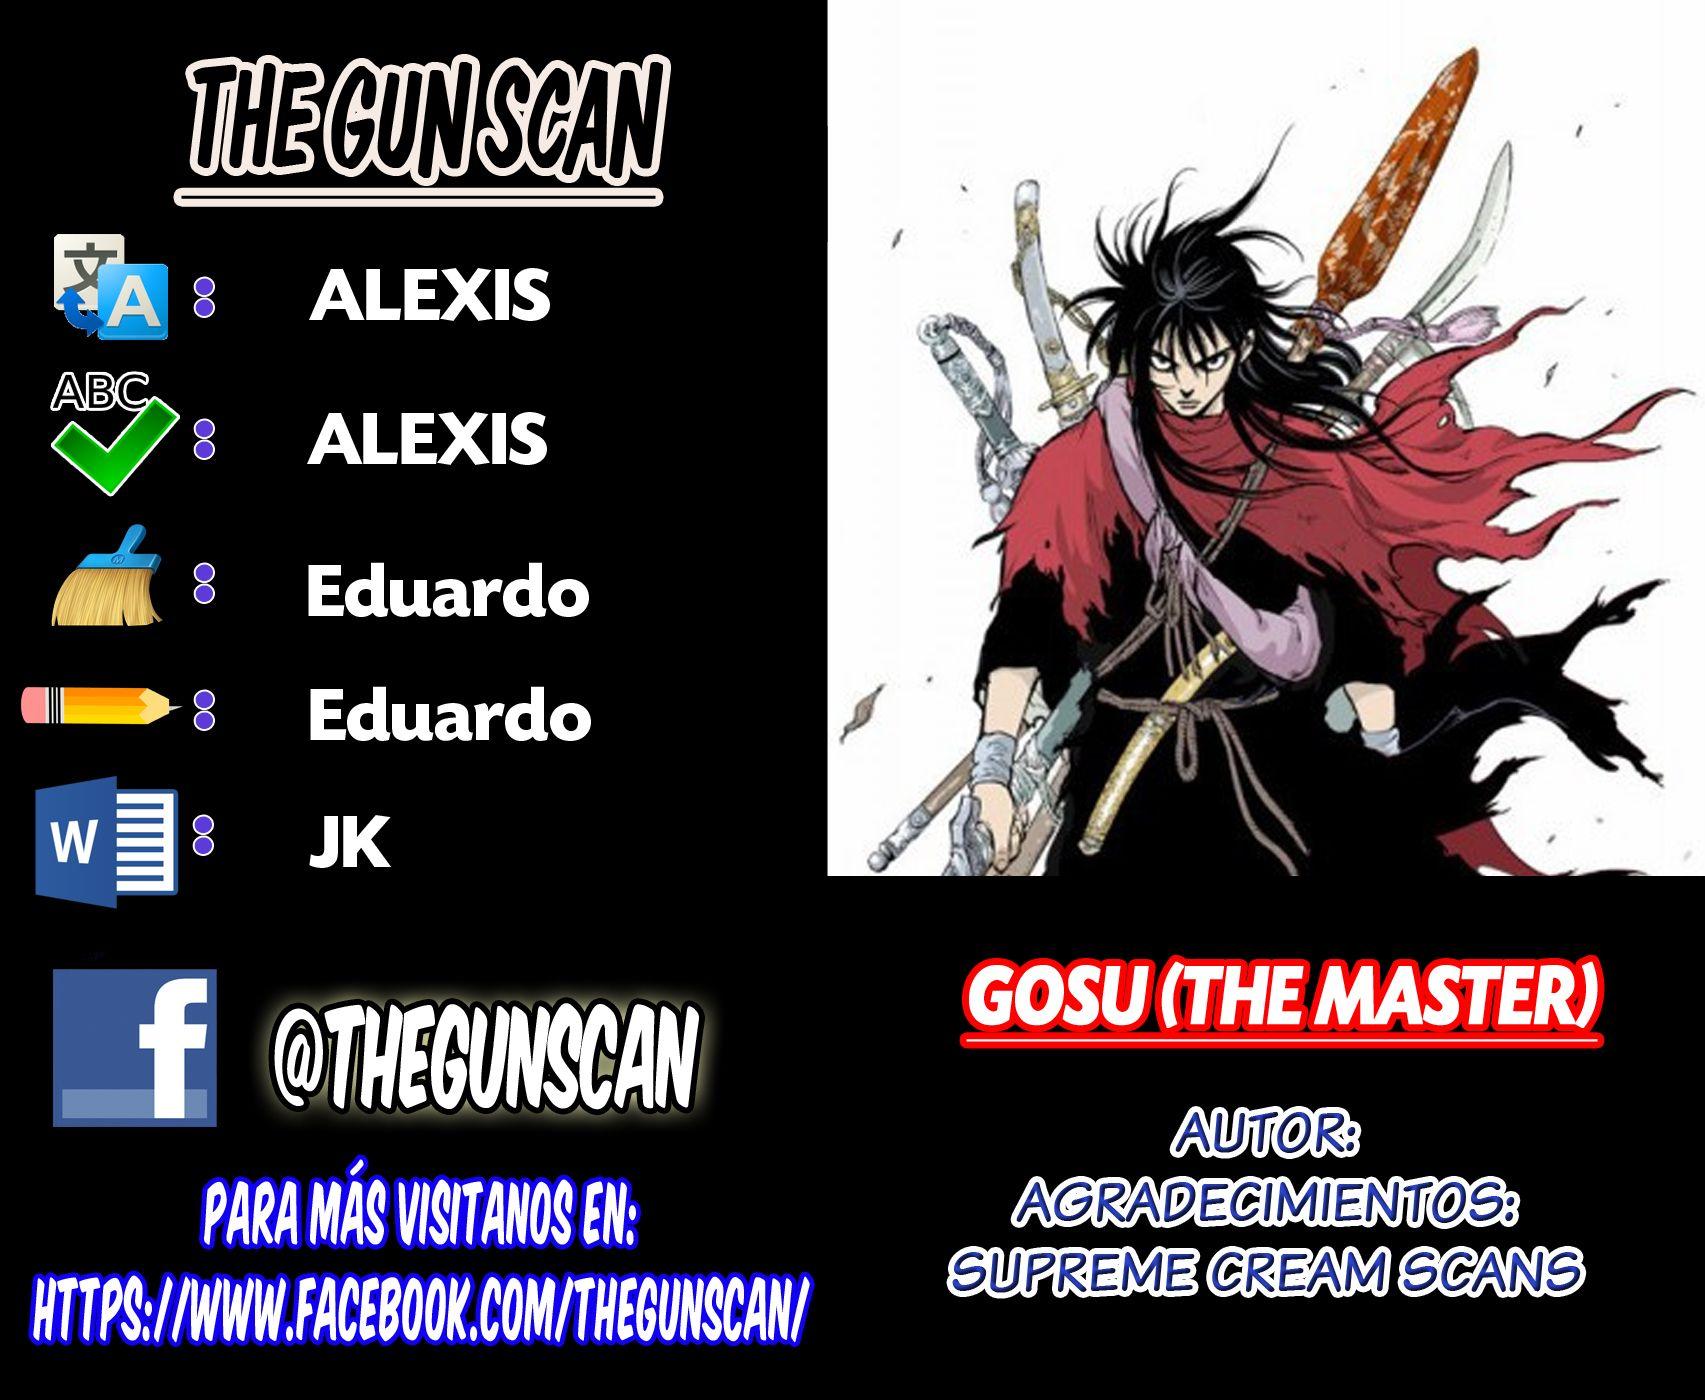 https://c5.ninemanga.com/es_manga/9/18249/487345/5b1add8961a1cfa07e60838ffd0f83e7.jpg Page 1